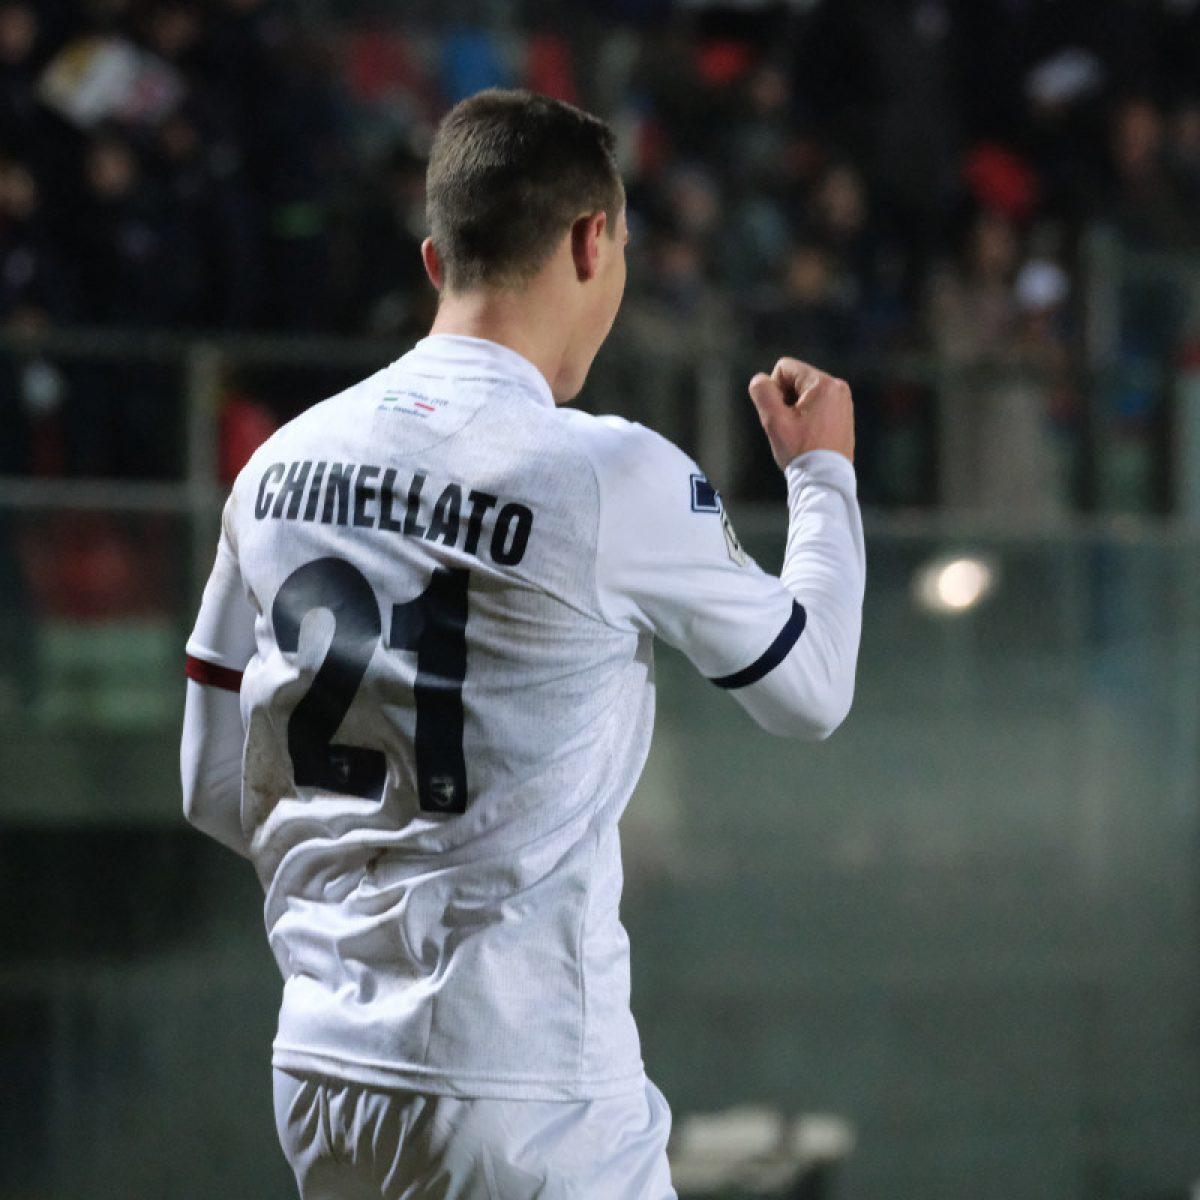 Calcio C, l'Imolese stende il Rimini: decide Chinellato - VIDEO